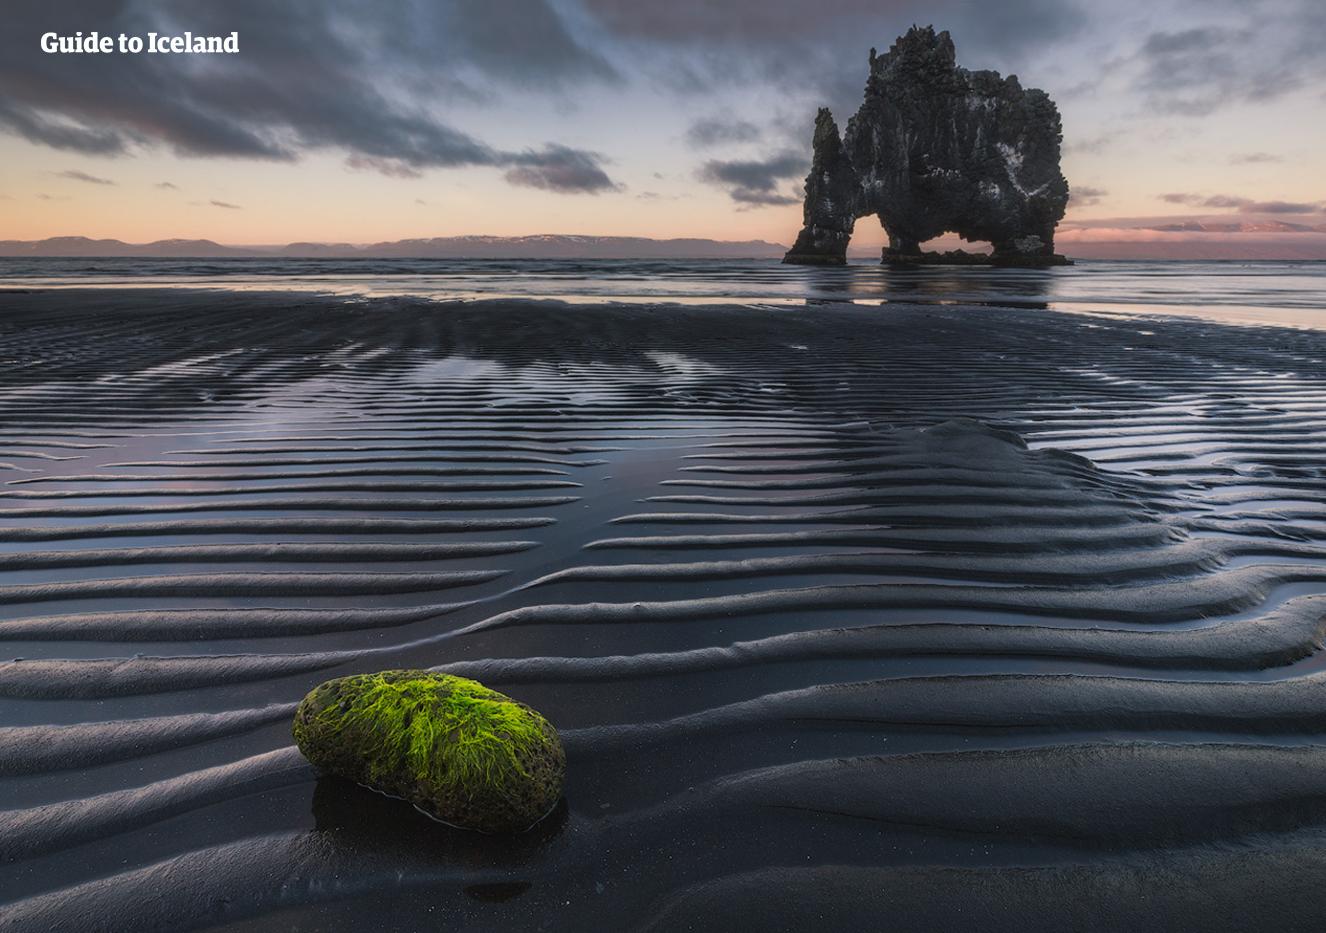 ไอซ์แลนด์เหนือมีทั้งวัฒนธรรมและสถานที่ท่องเที่ยวทางธรรมชาติที่น่าสนใจ.